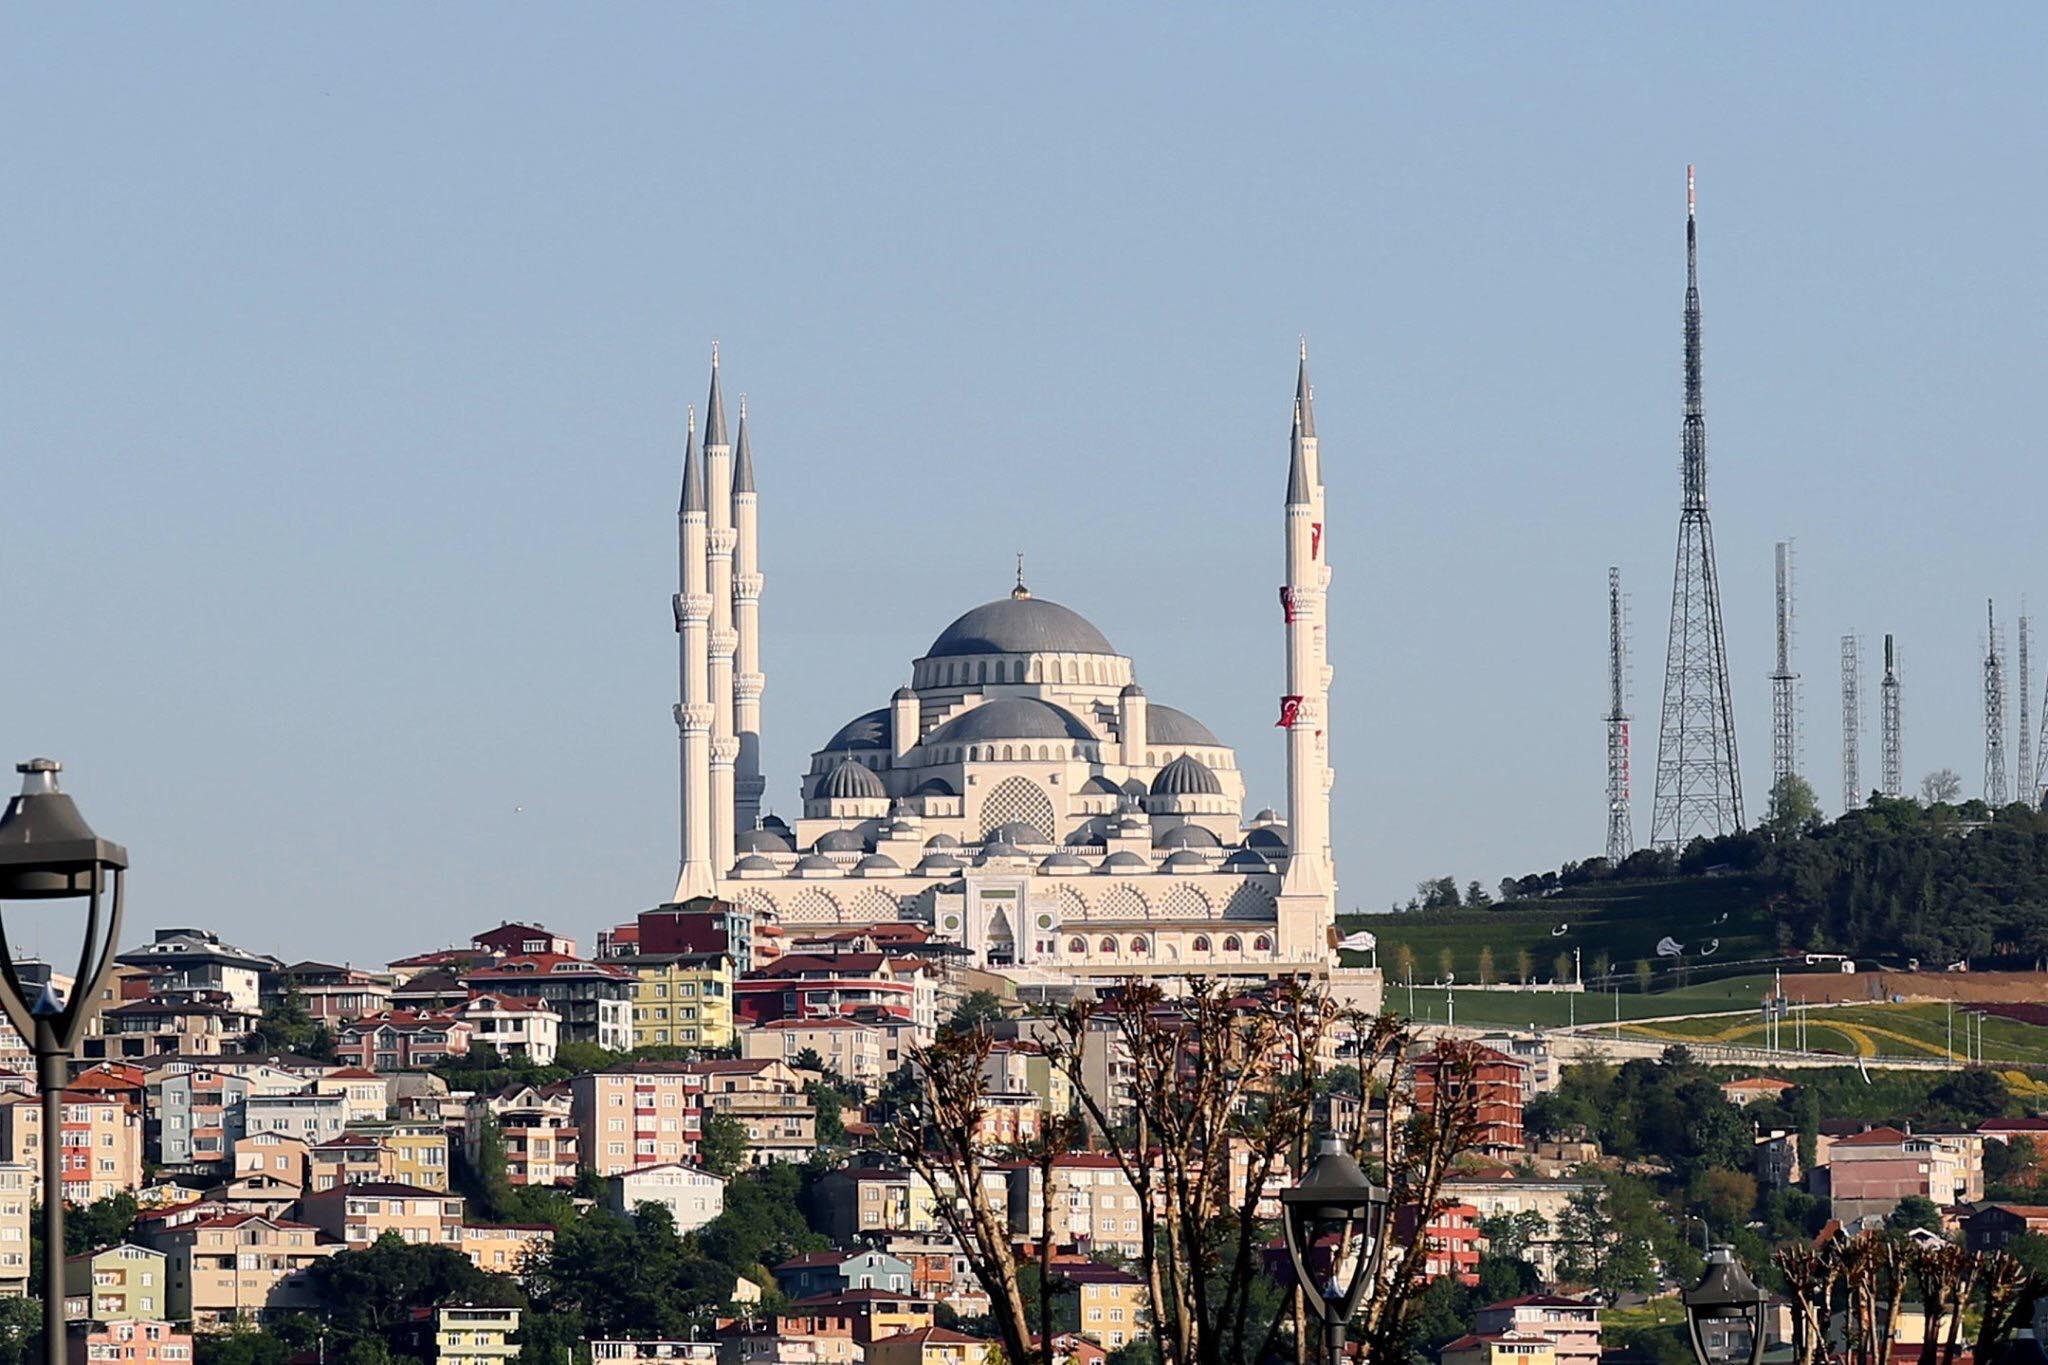 اداى نماز جمعه با رئیس جمهور ترکیه در مسجد جامع چاملیجا